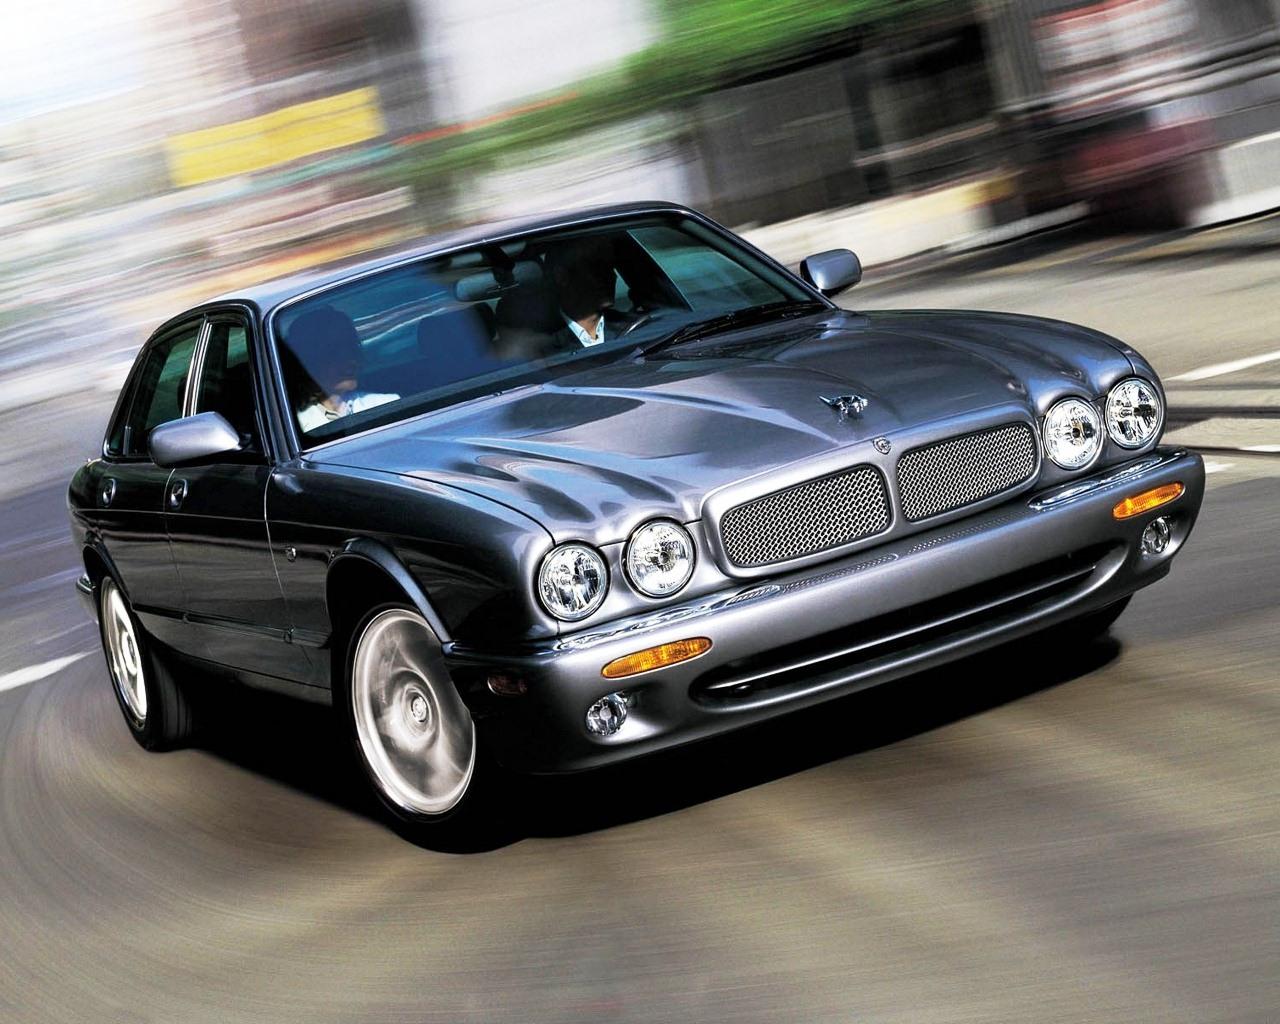 jaguar car wallpaper hd - photo #15